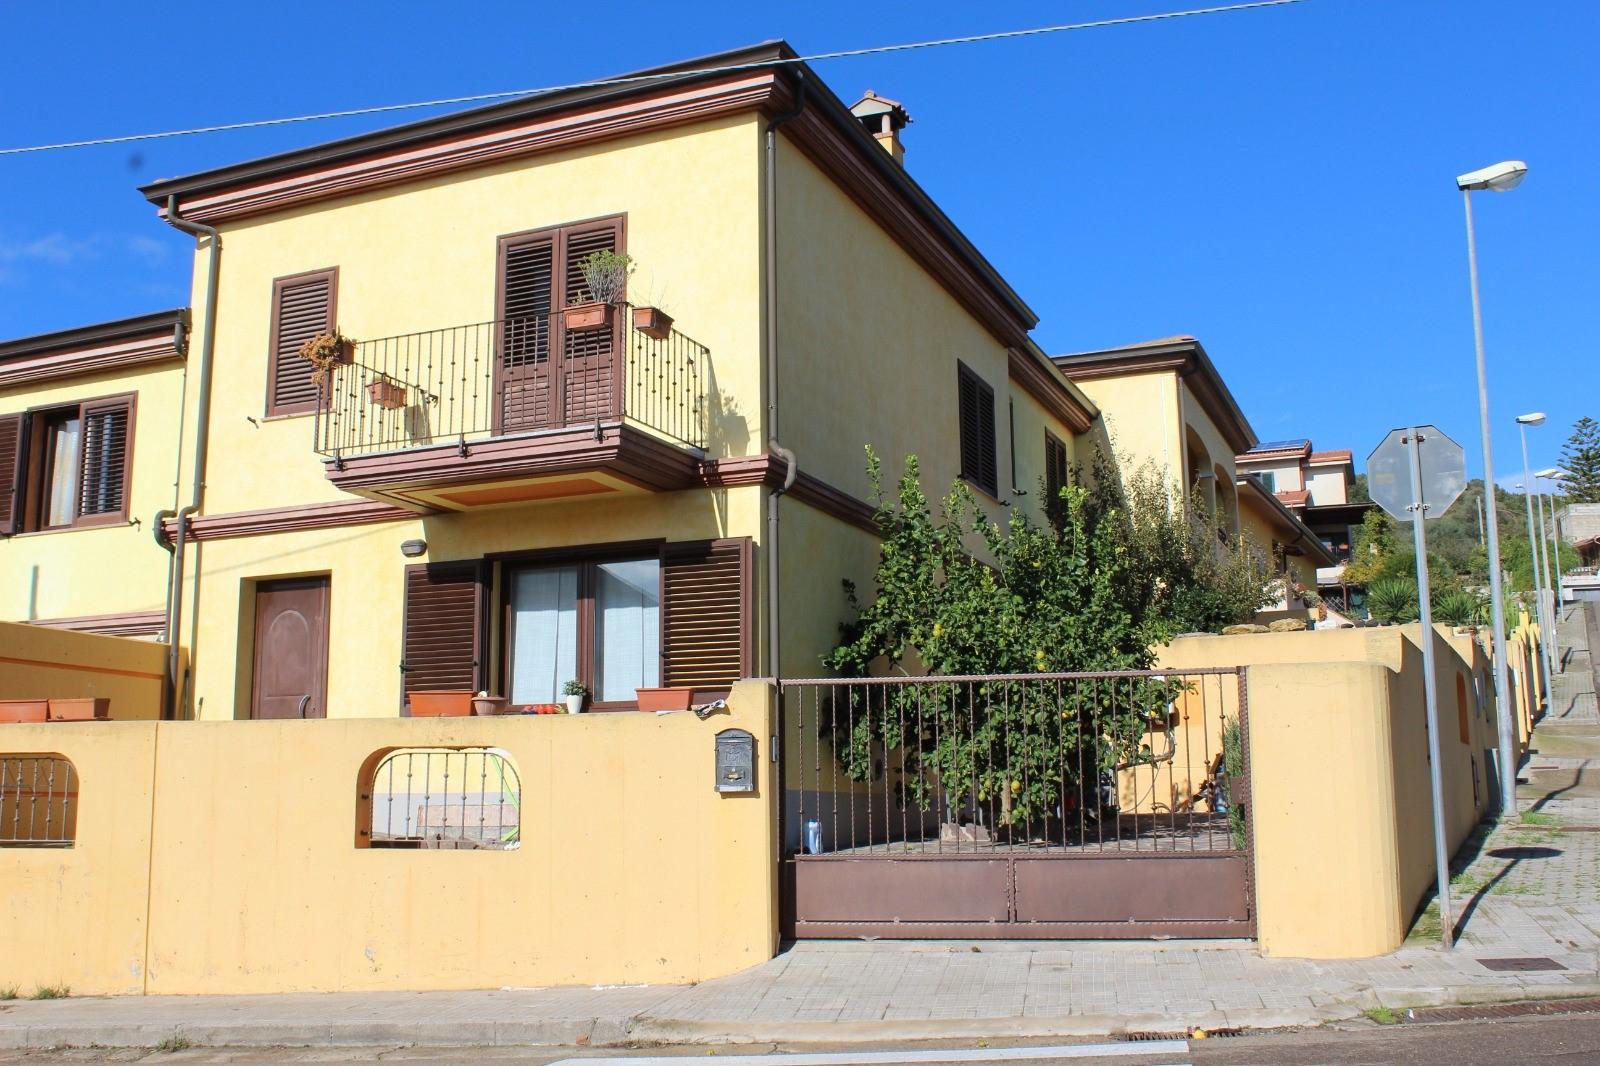 Soluzione Indipendente in vendita a Sardara, 3 locali, prezzo € 129.000 | CambioCasa.it